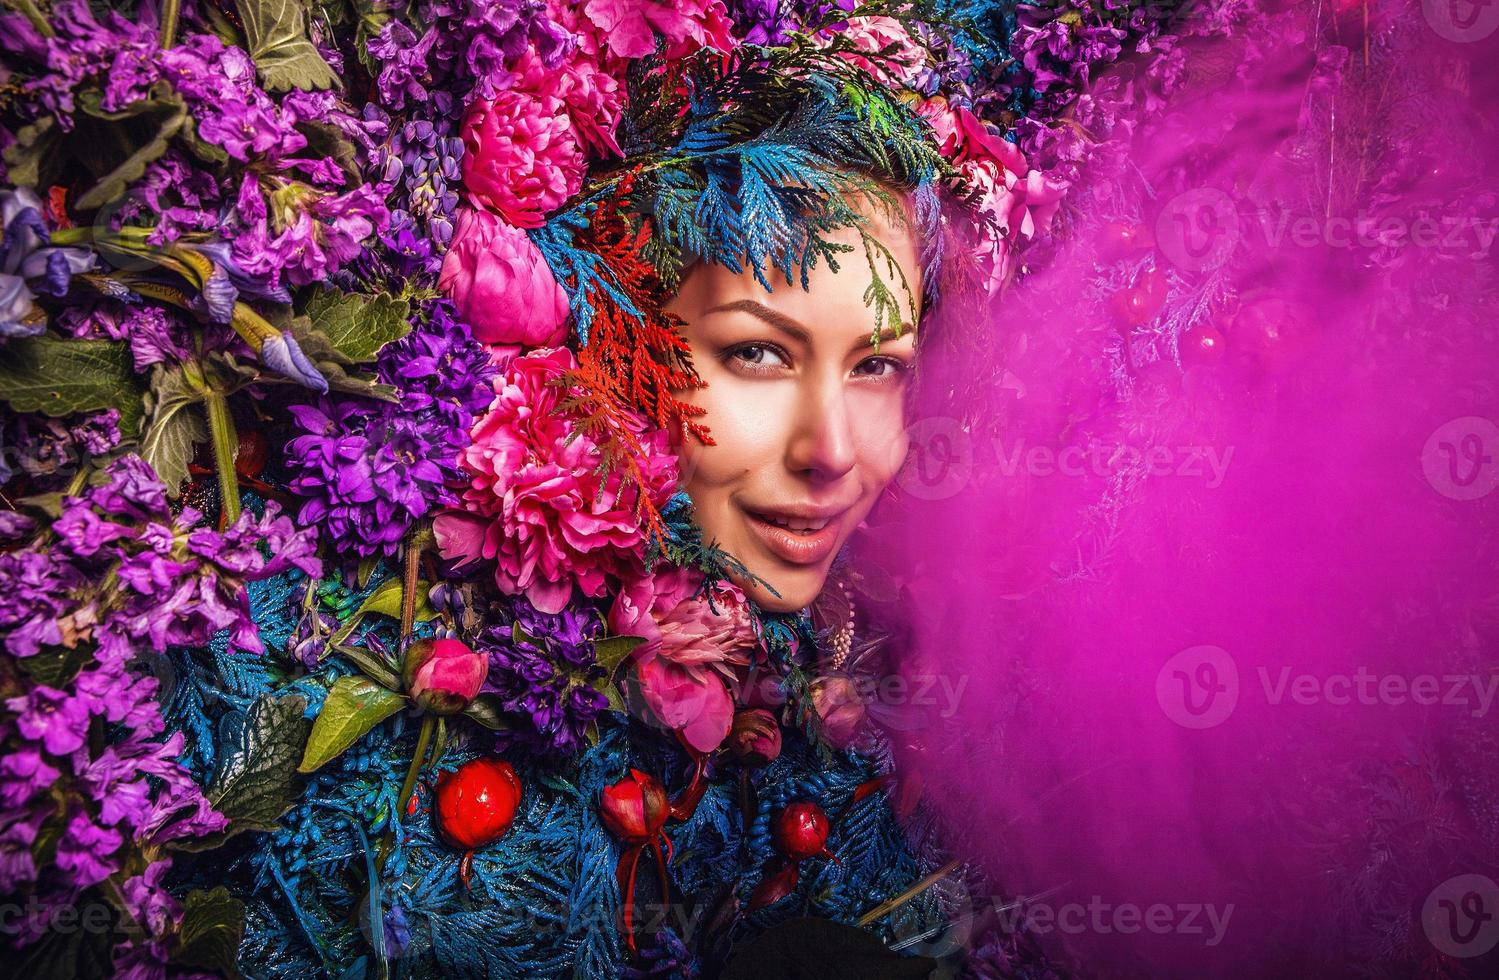 portrait de fille de conte de fées entouré de plantes et de fleurs naturelles. photo